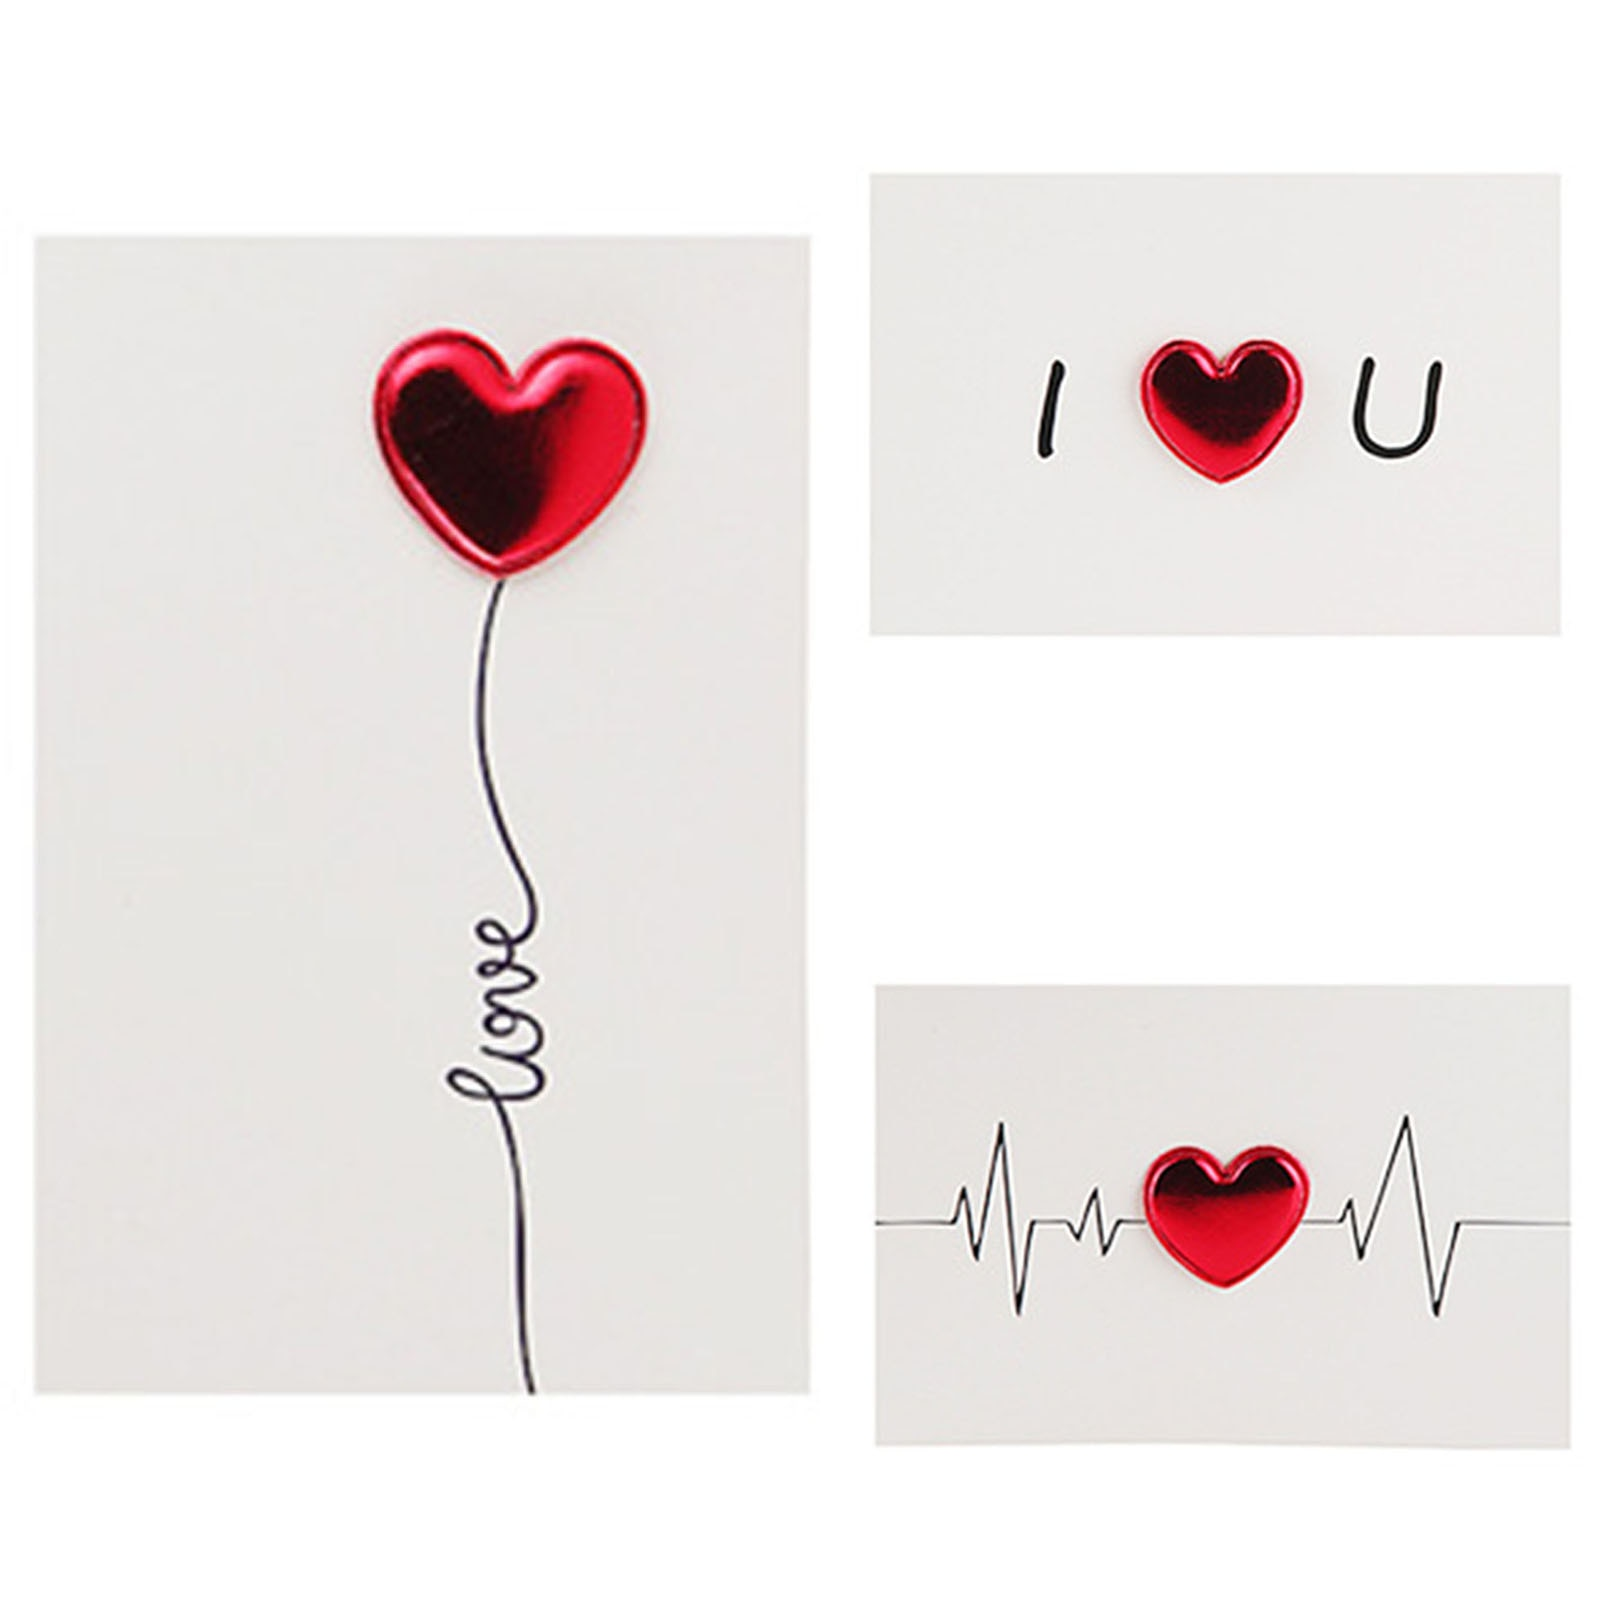 Красивые поздравительные открытки из искусственной кожи с 3D сердцем, белые поздравительные открытки, креативные открытки на заказ с благос...